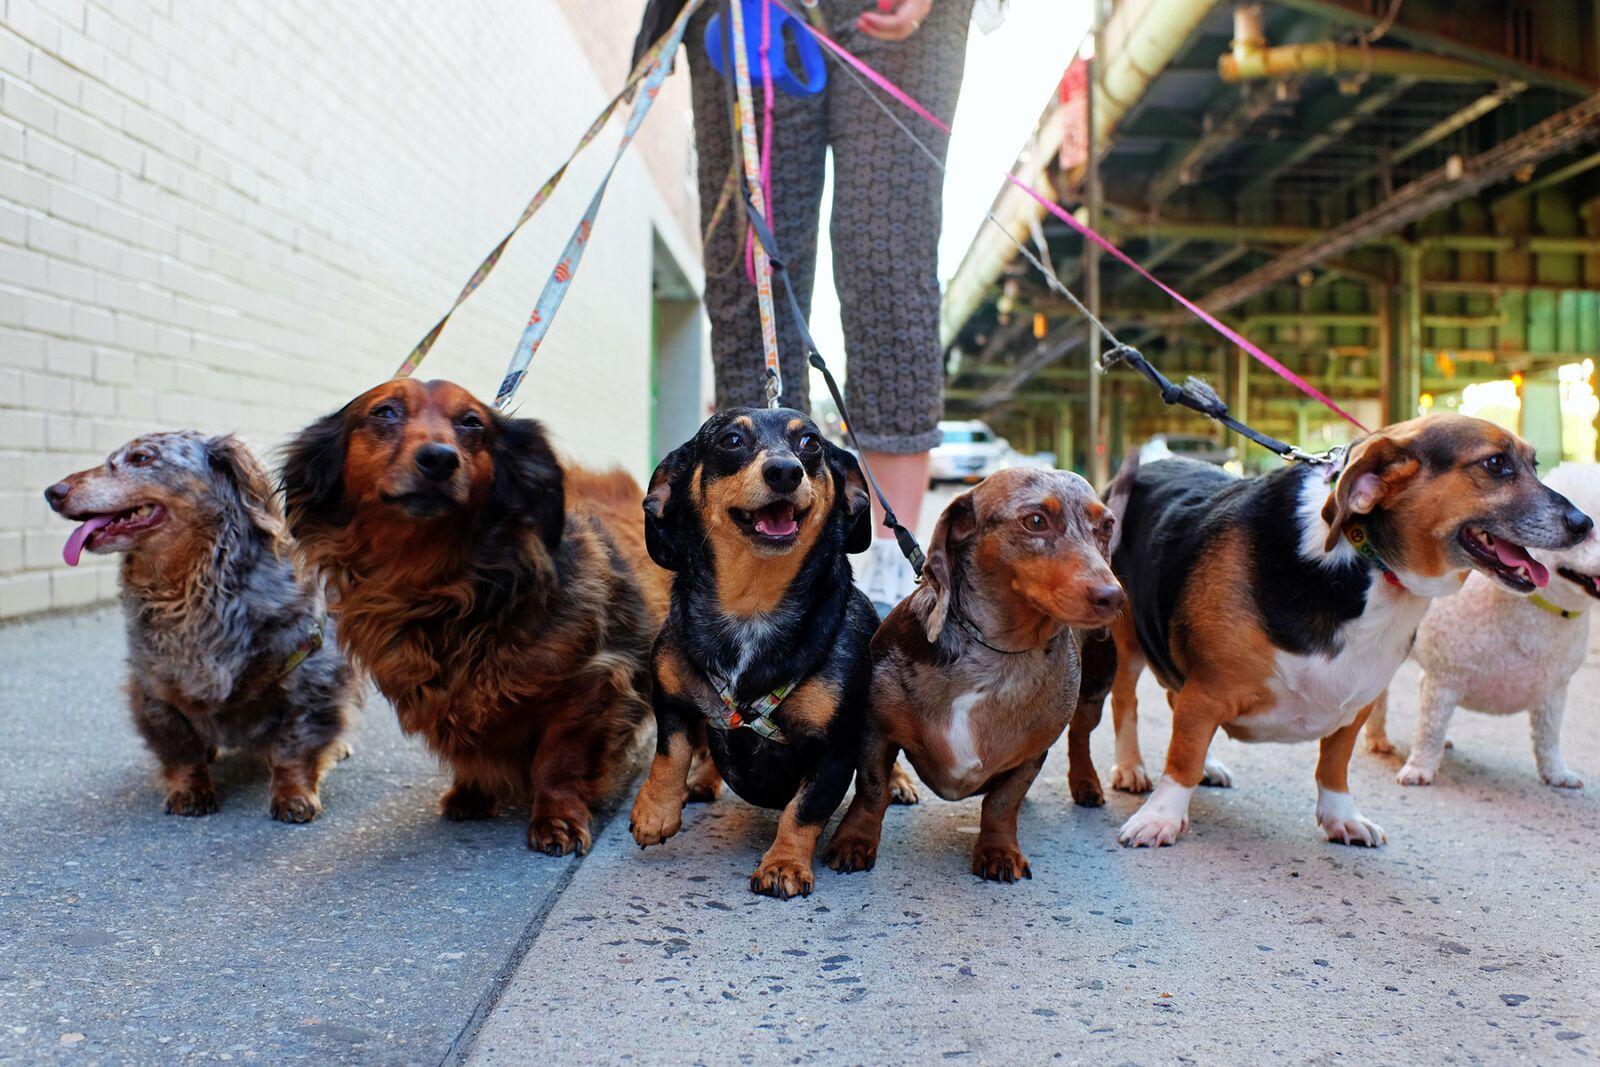 Tener un perro reduce el riesgo de morir, revela estudio